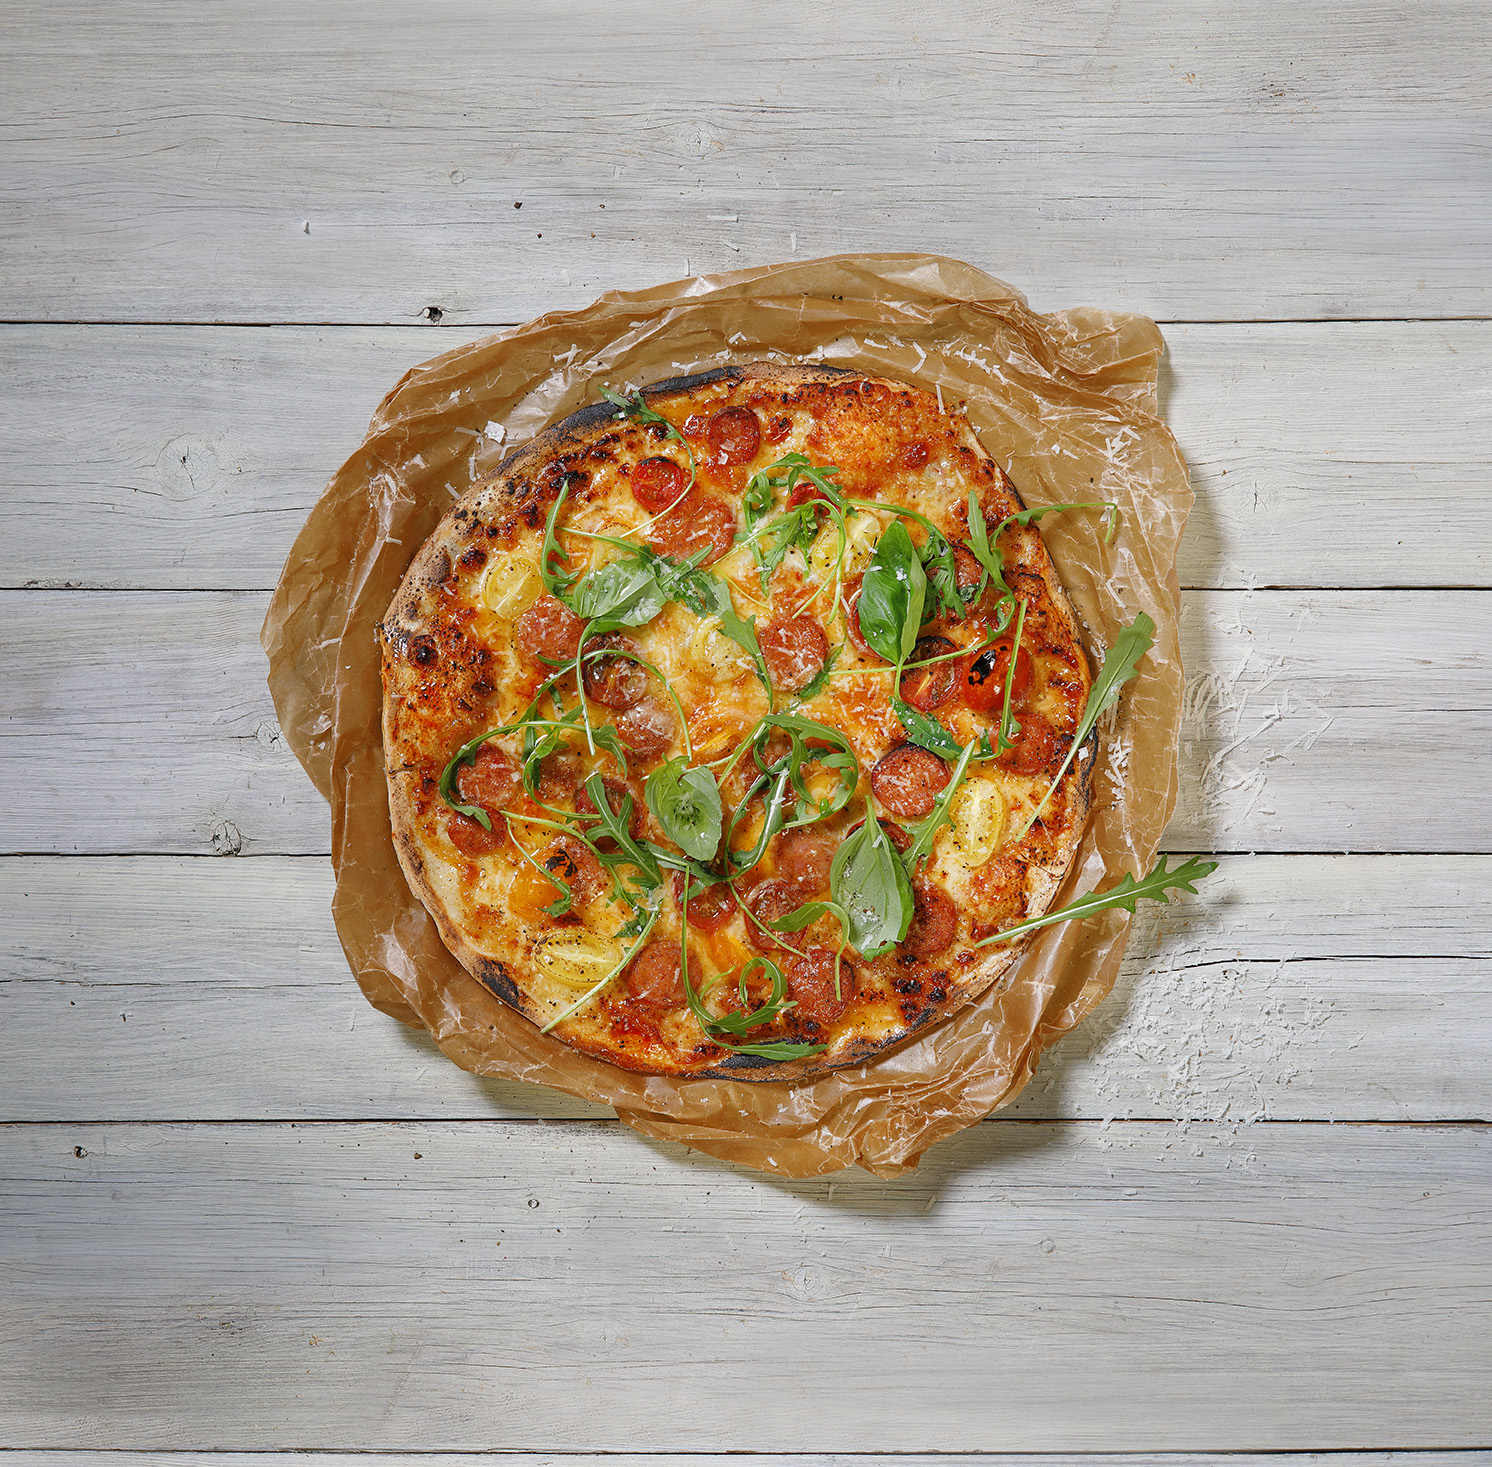 Pizza toppad med grönt